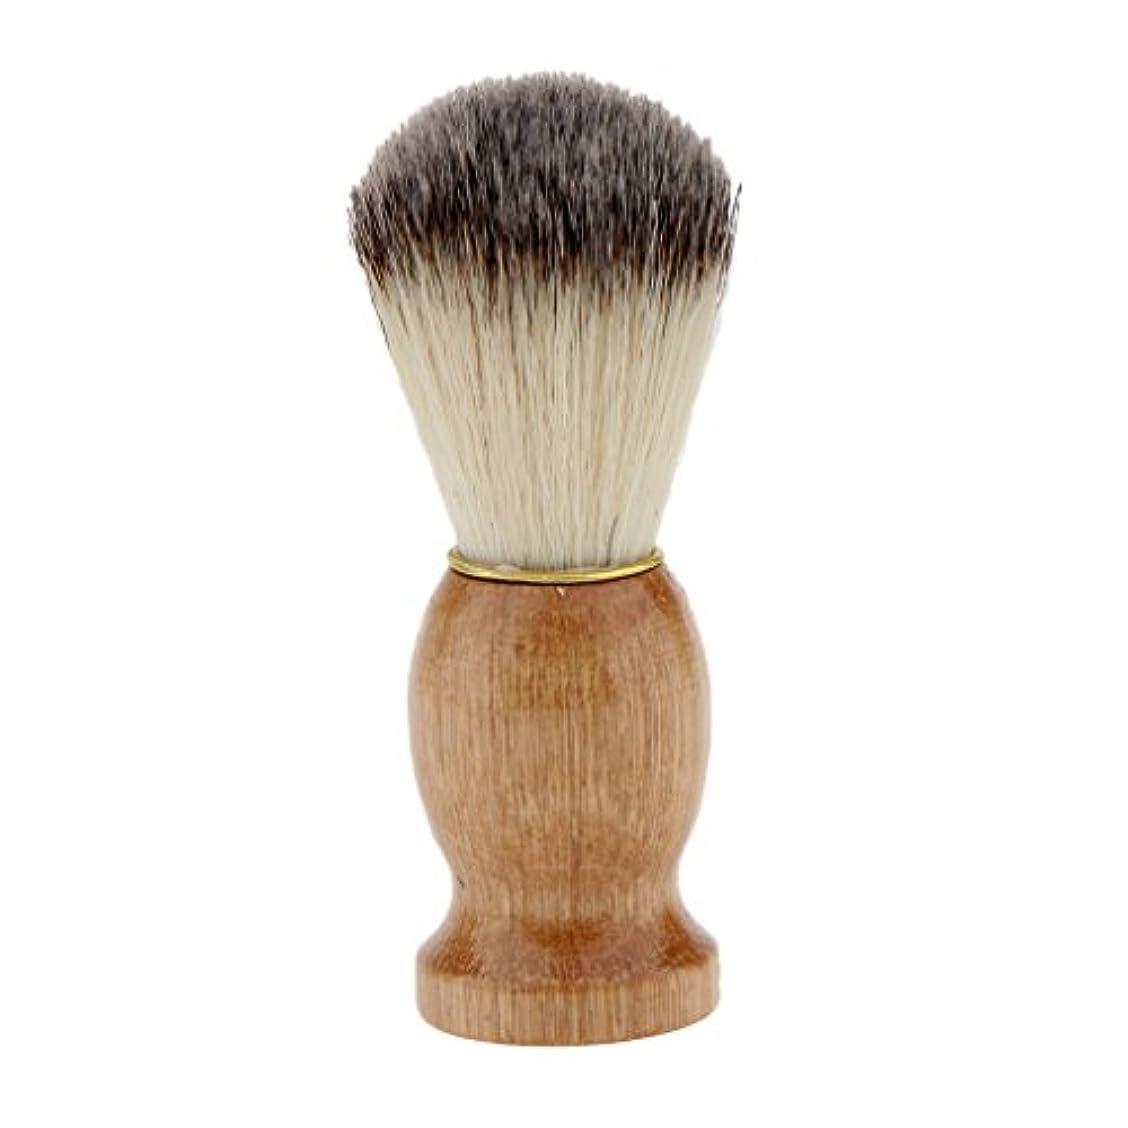 実験室反逆ホバーシェービングブラシ 理容師 シェービングブラシ ひげ剃りブラシ コスメブラシ 木製ハンドル